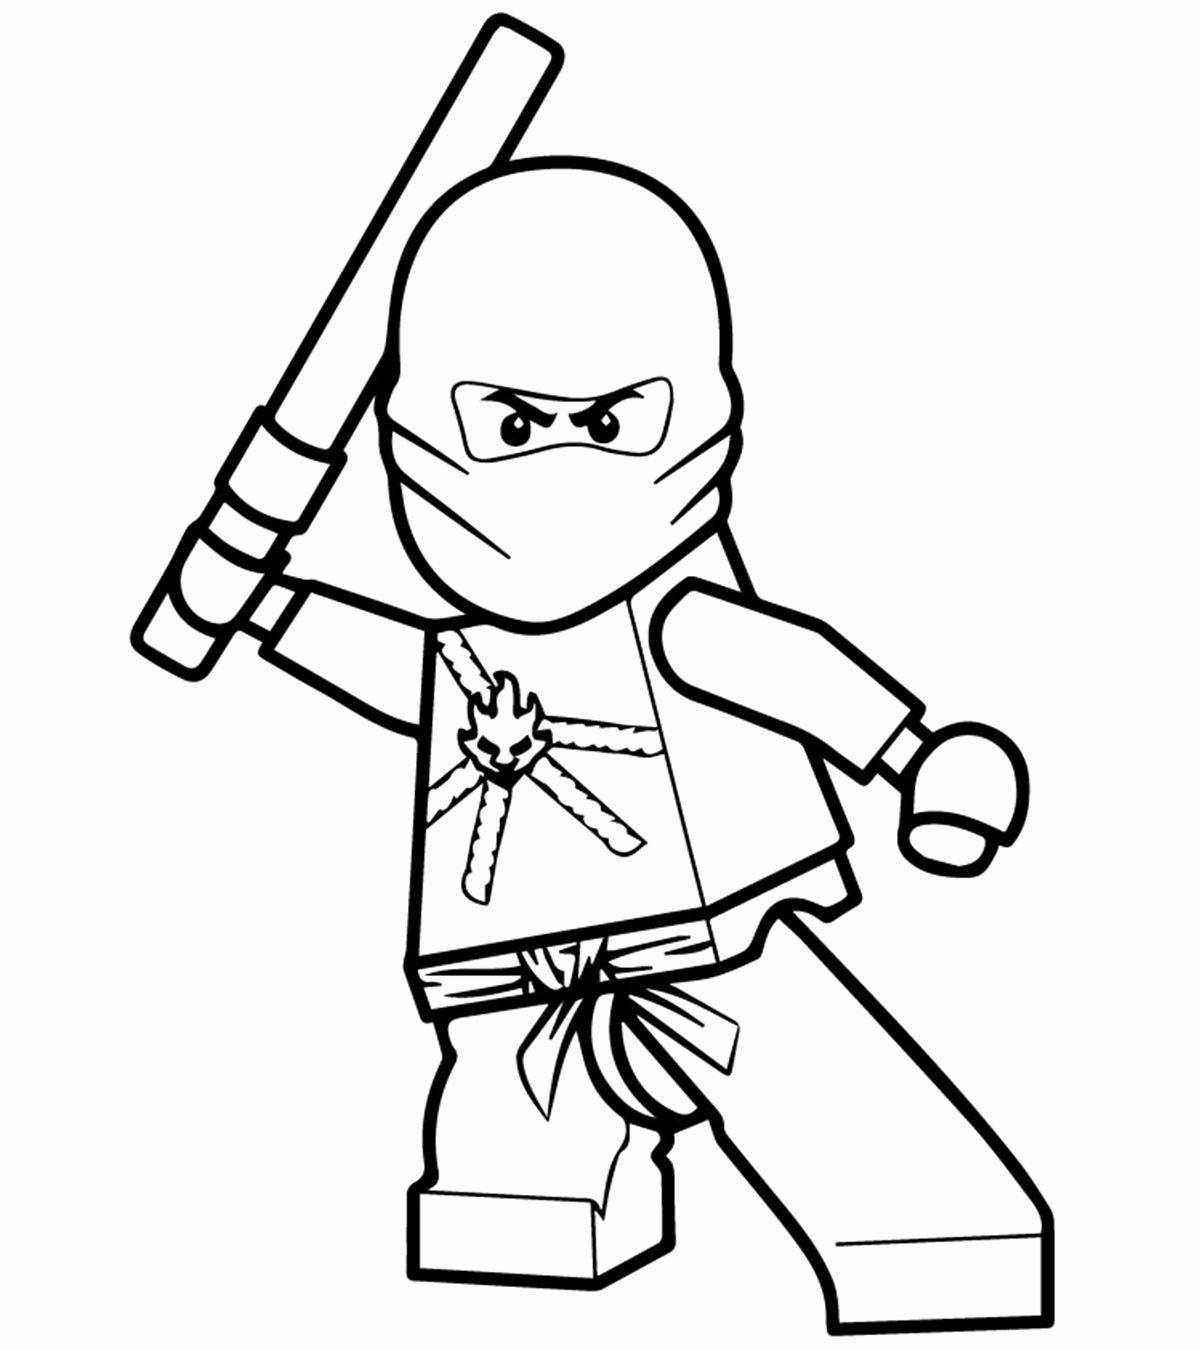 Tranh tô màu ninjago cầm kiếm cực ngầu